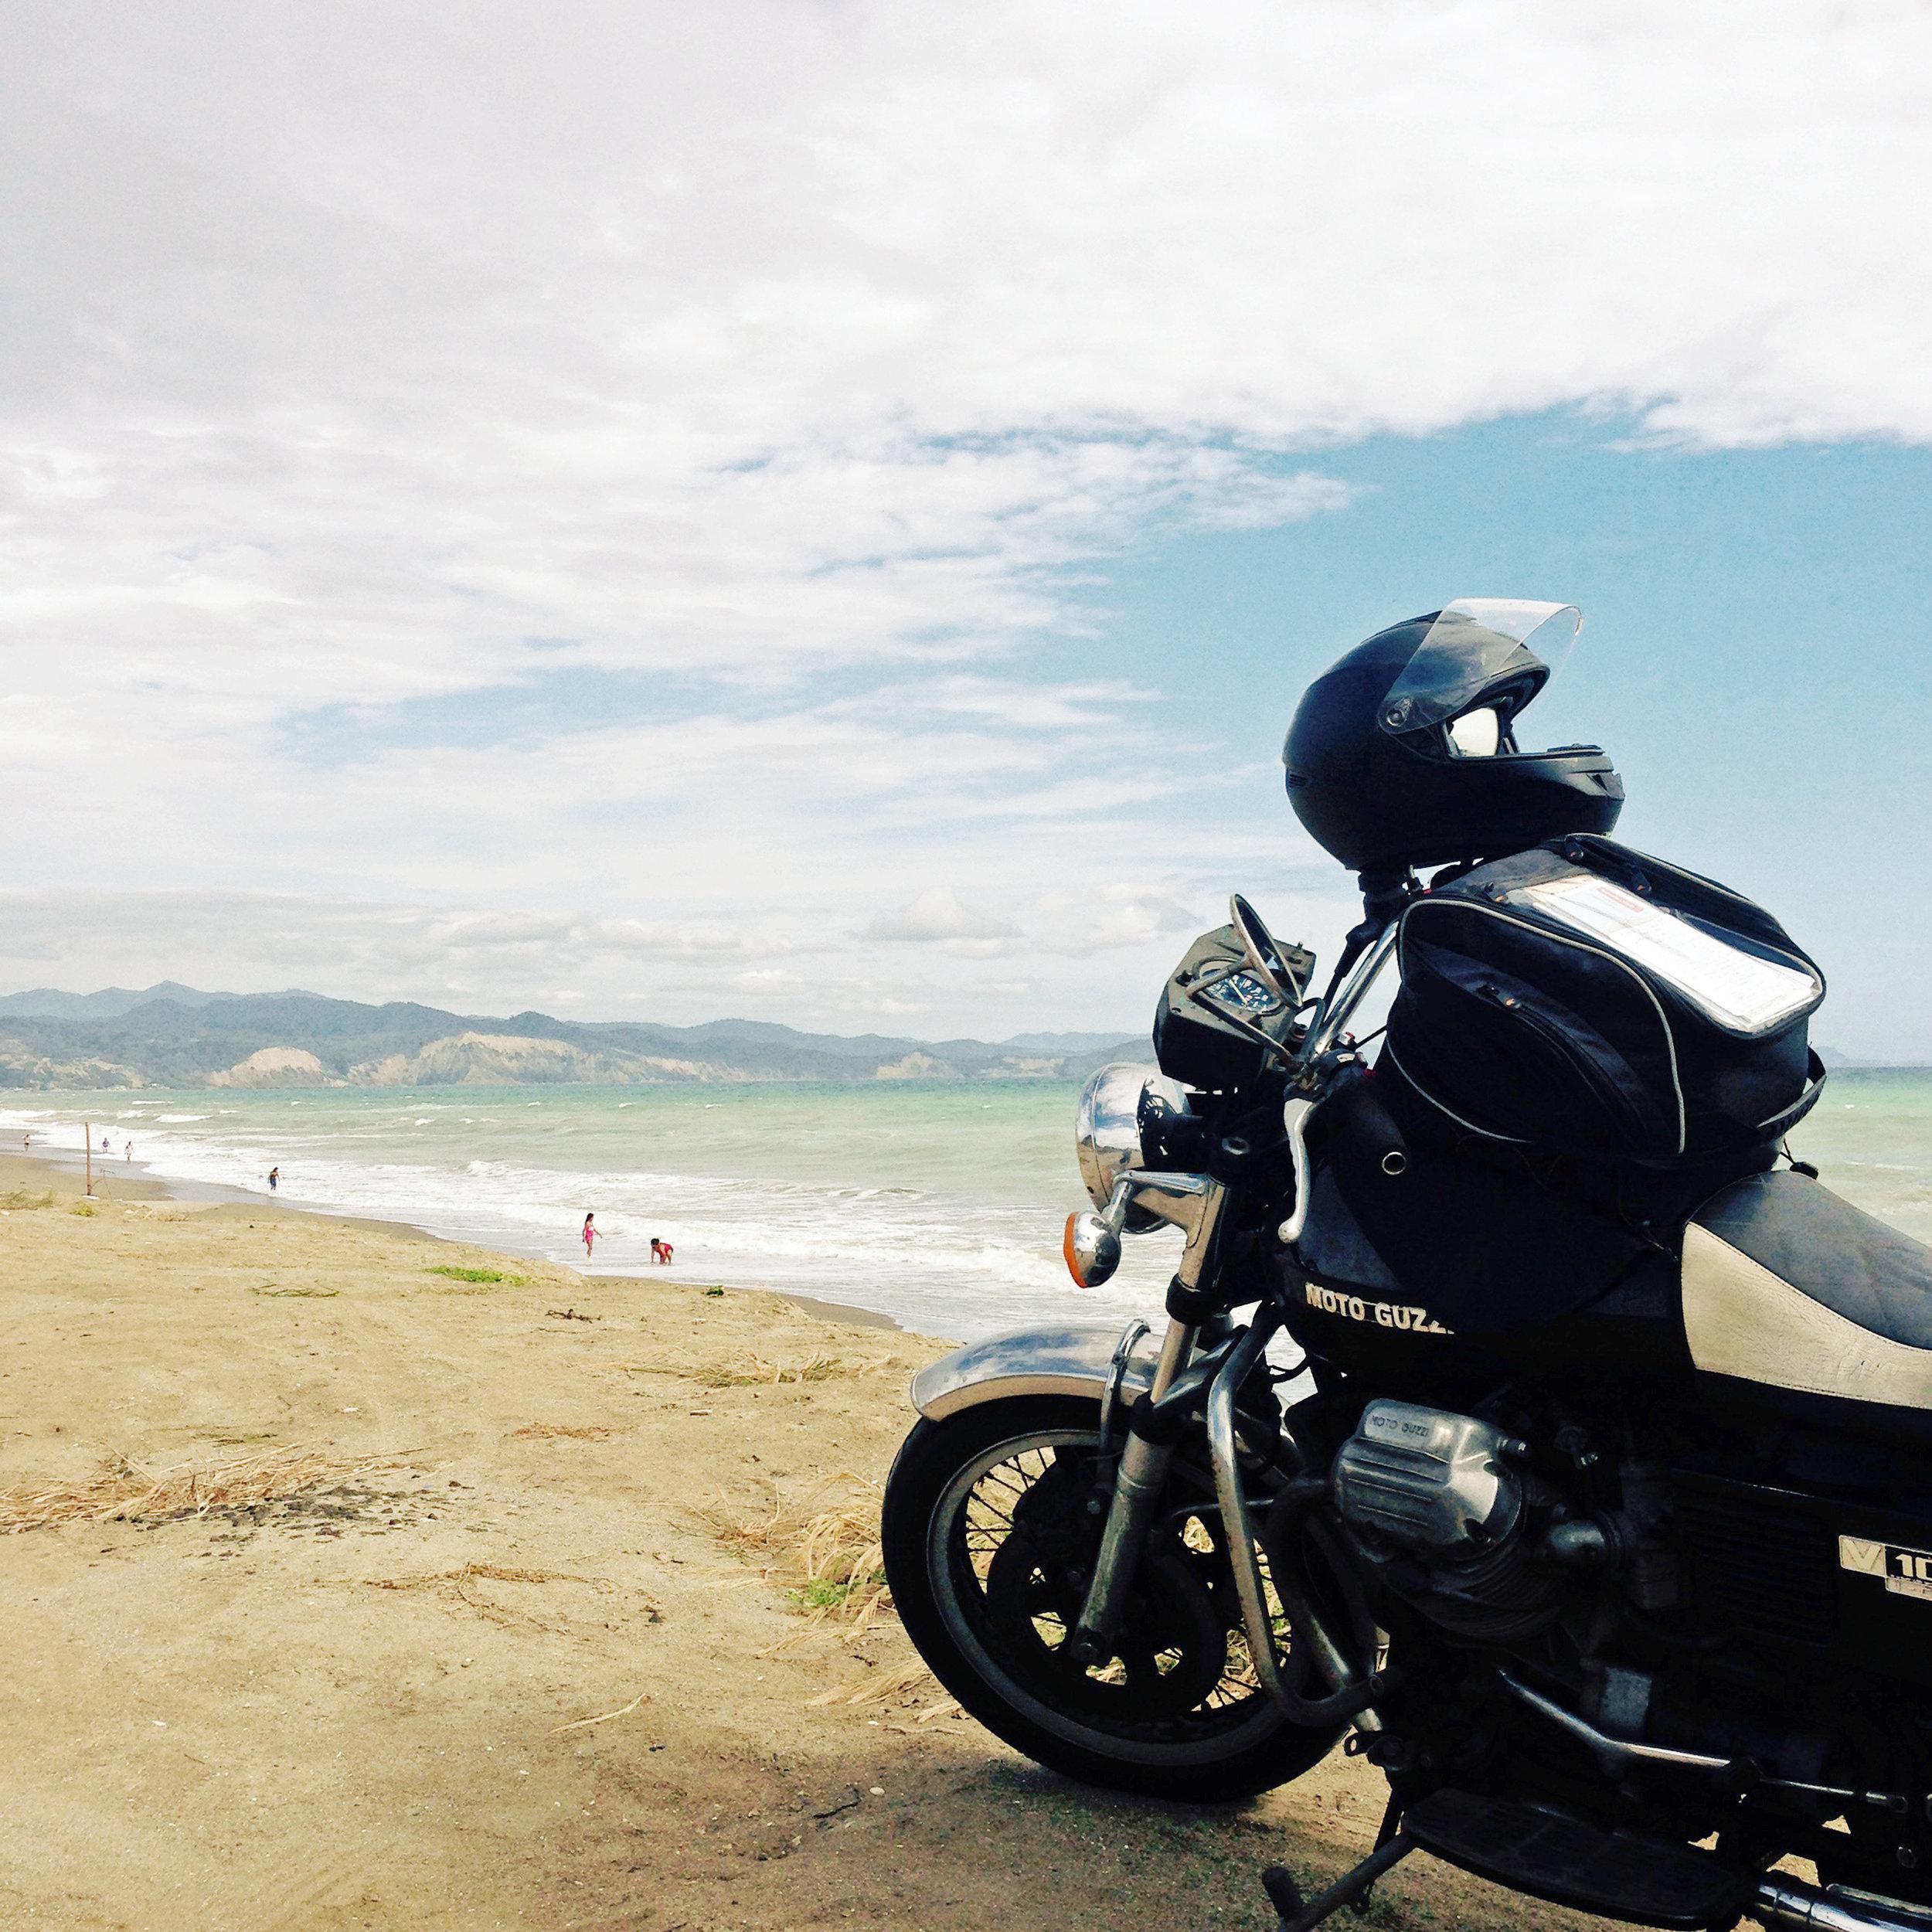 Moto Guzzi in Ecuador